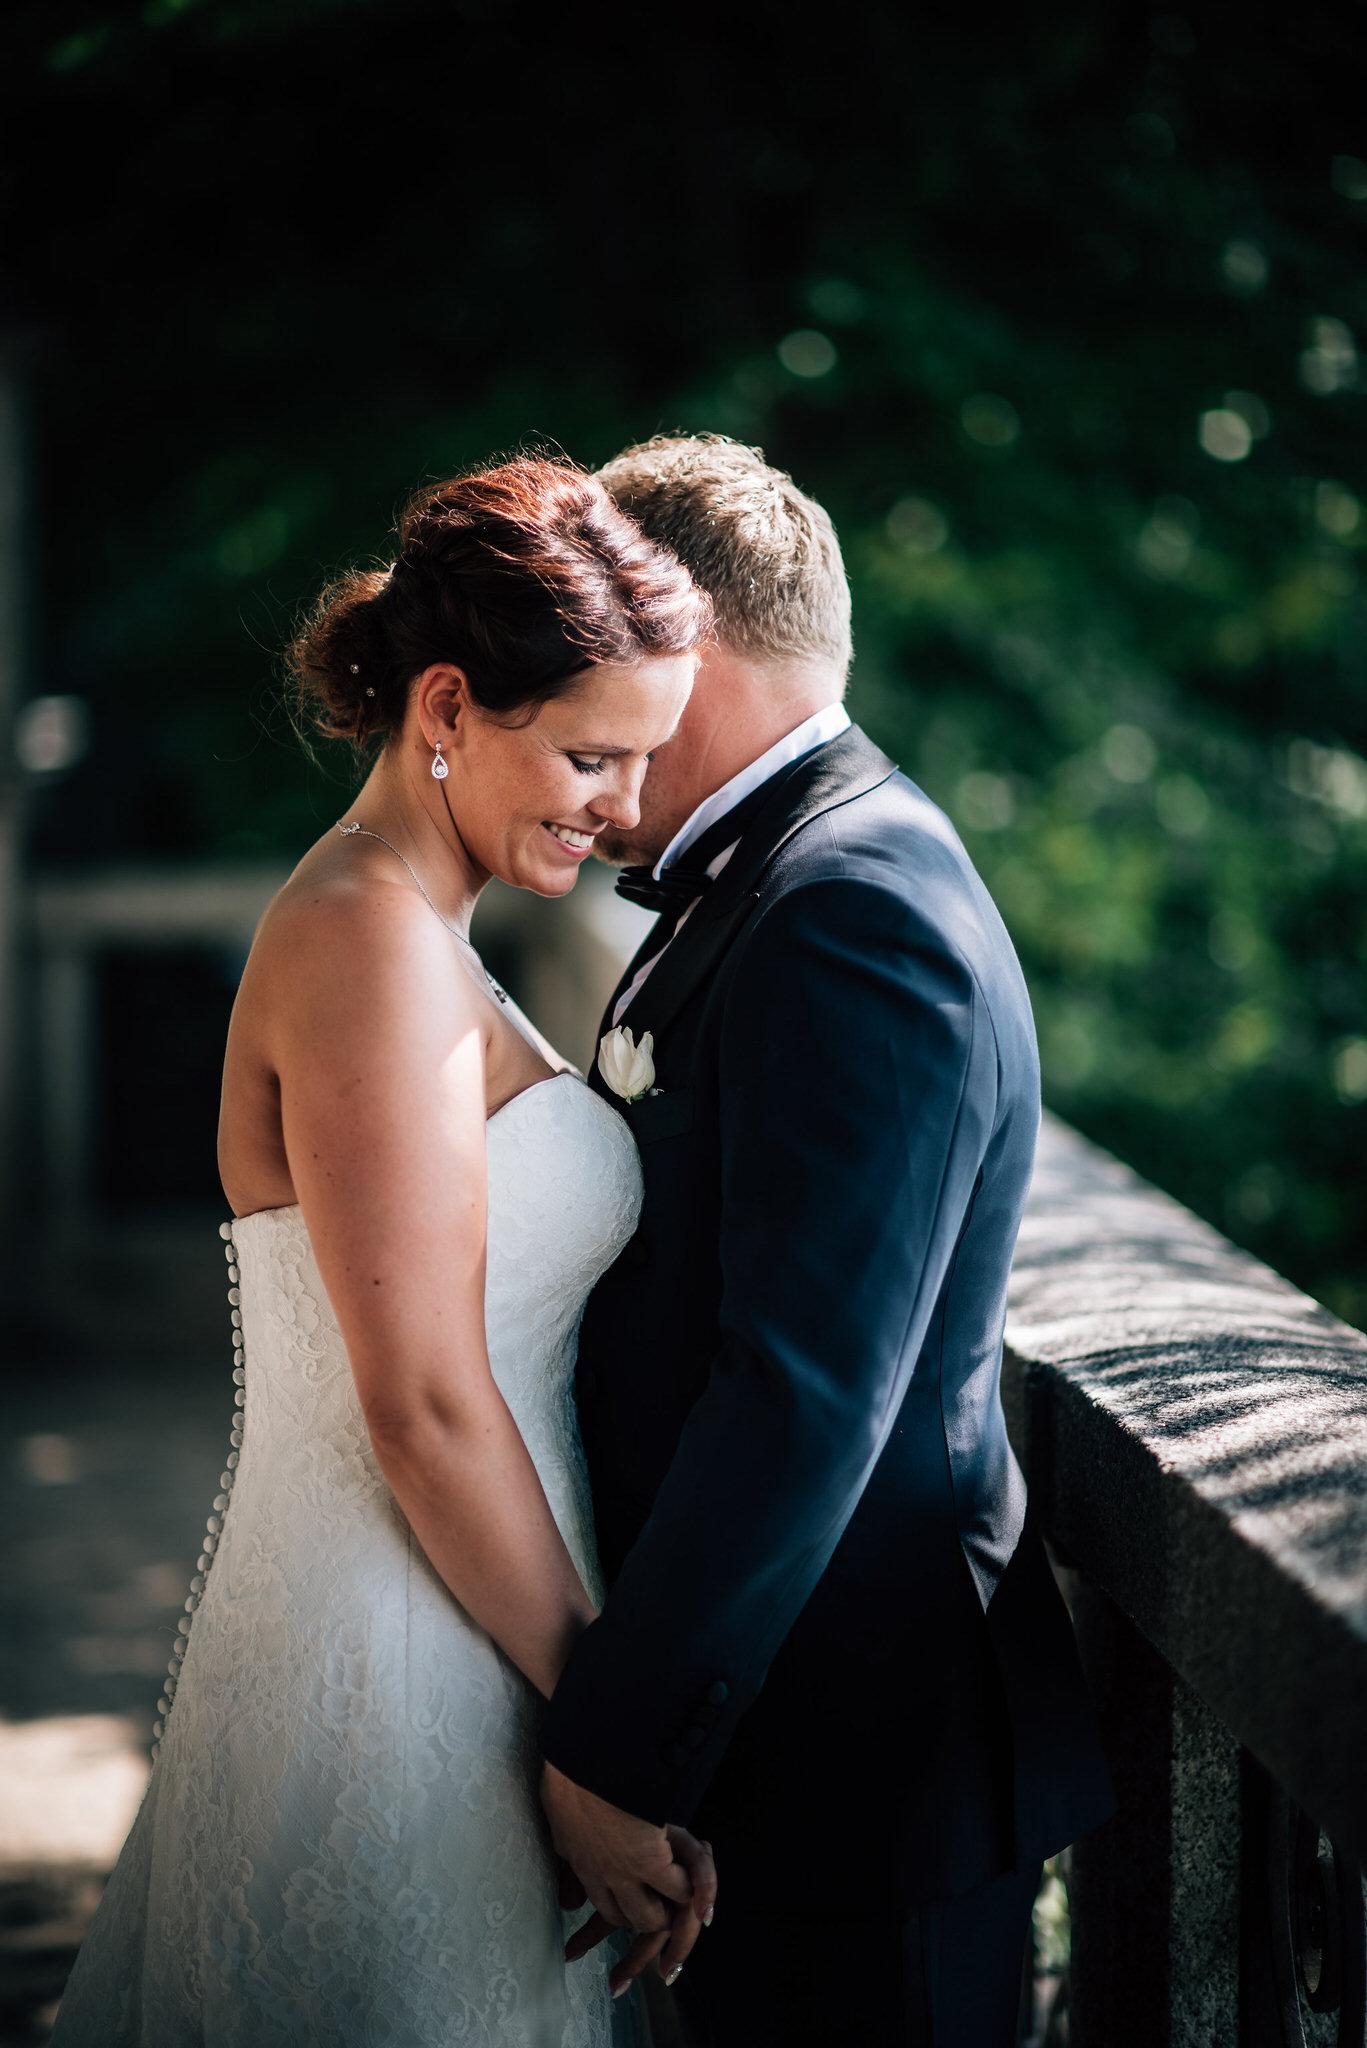 _N854973-fotograf-italia-bryllup.jpg